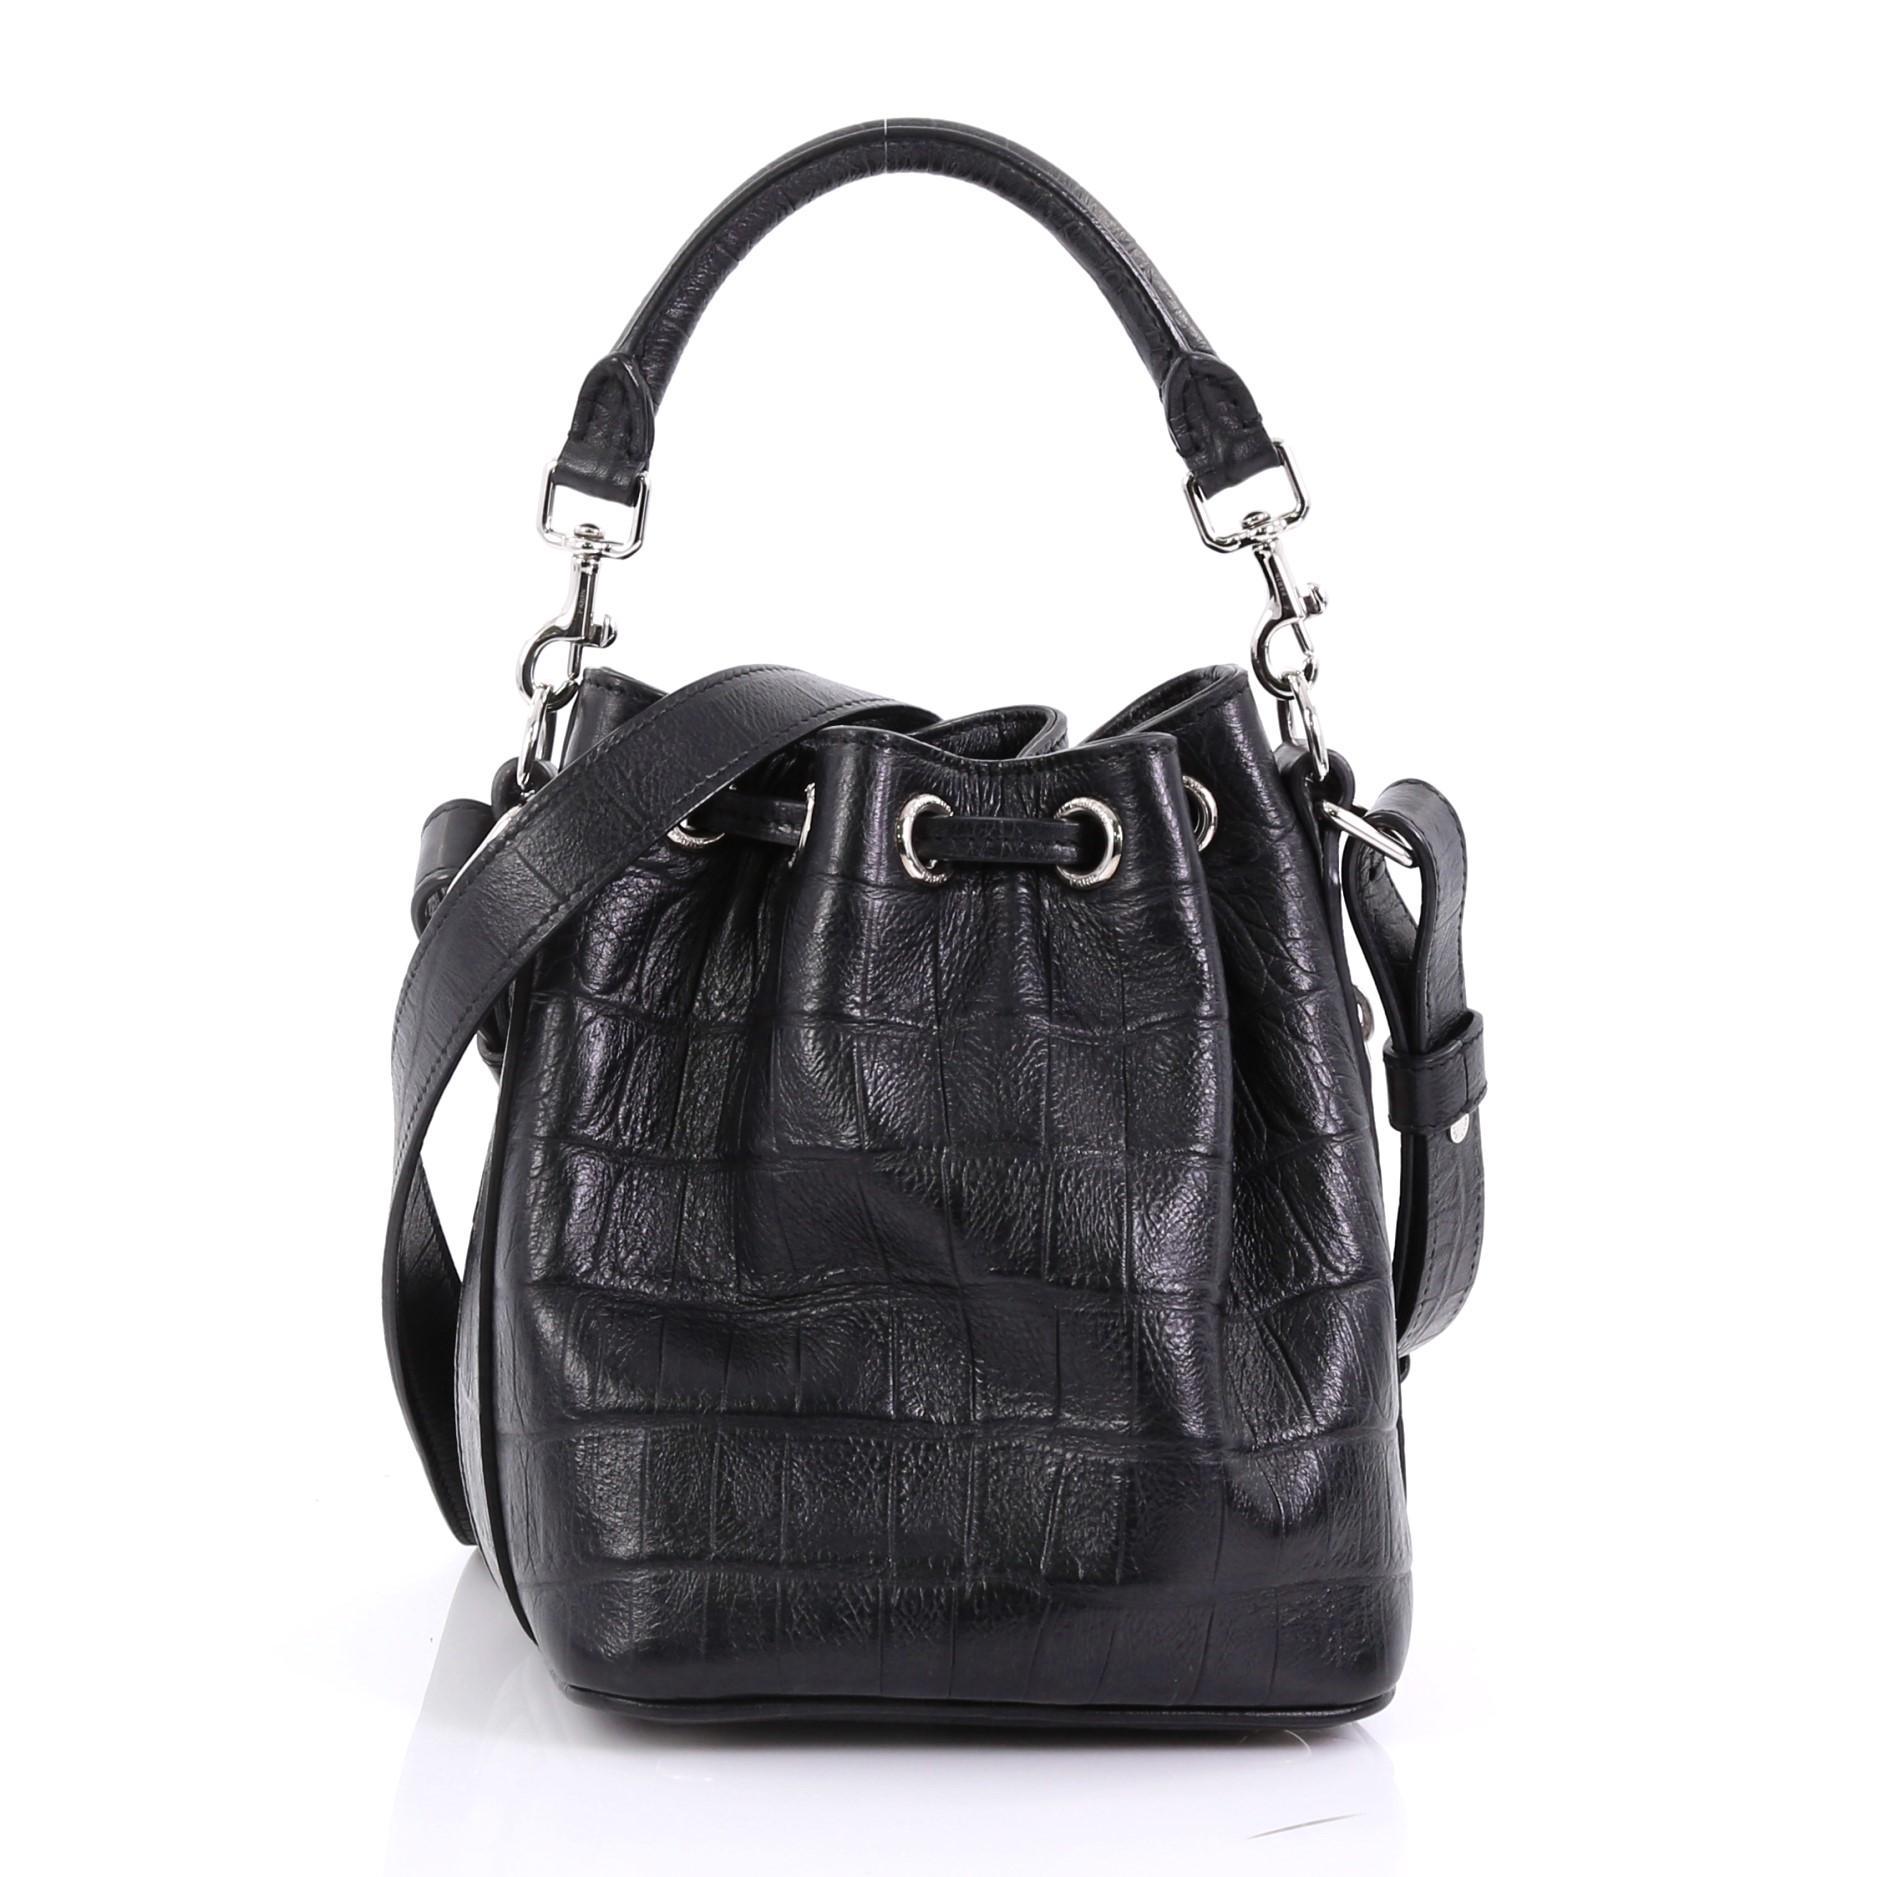 d6ac92e6ae9b Saint Laurent Emmanuelle Bucket Bag Crocodile Embossed Leather Small at  1stdibs